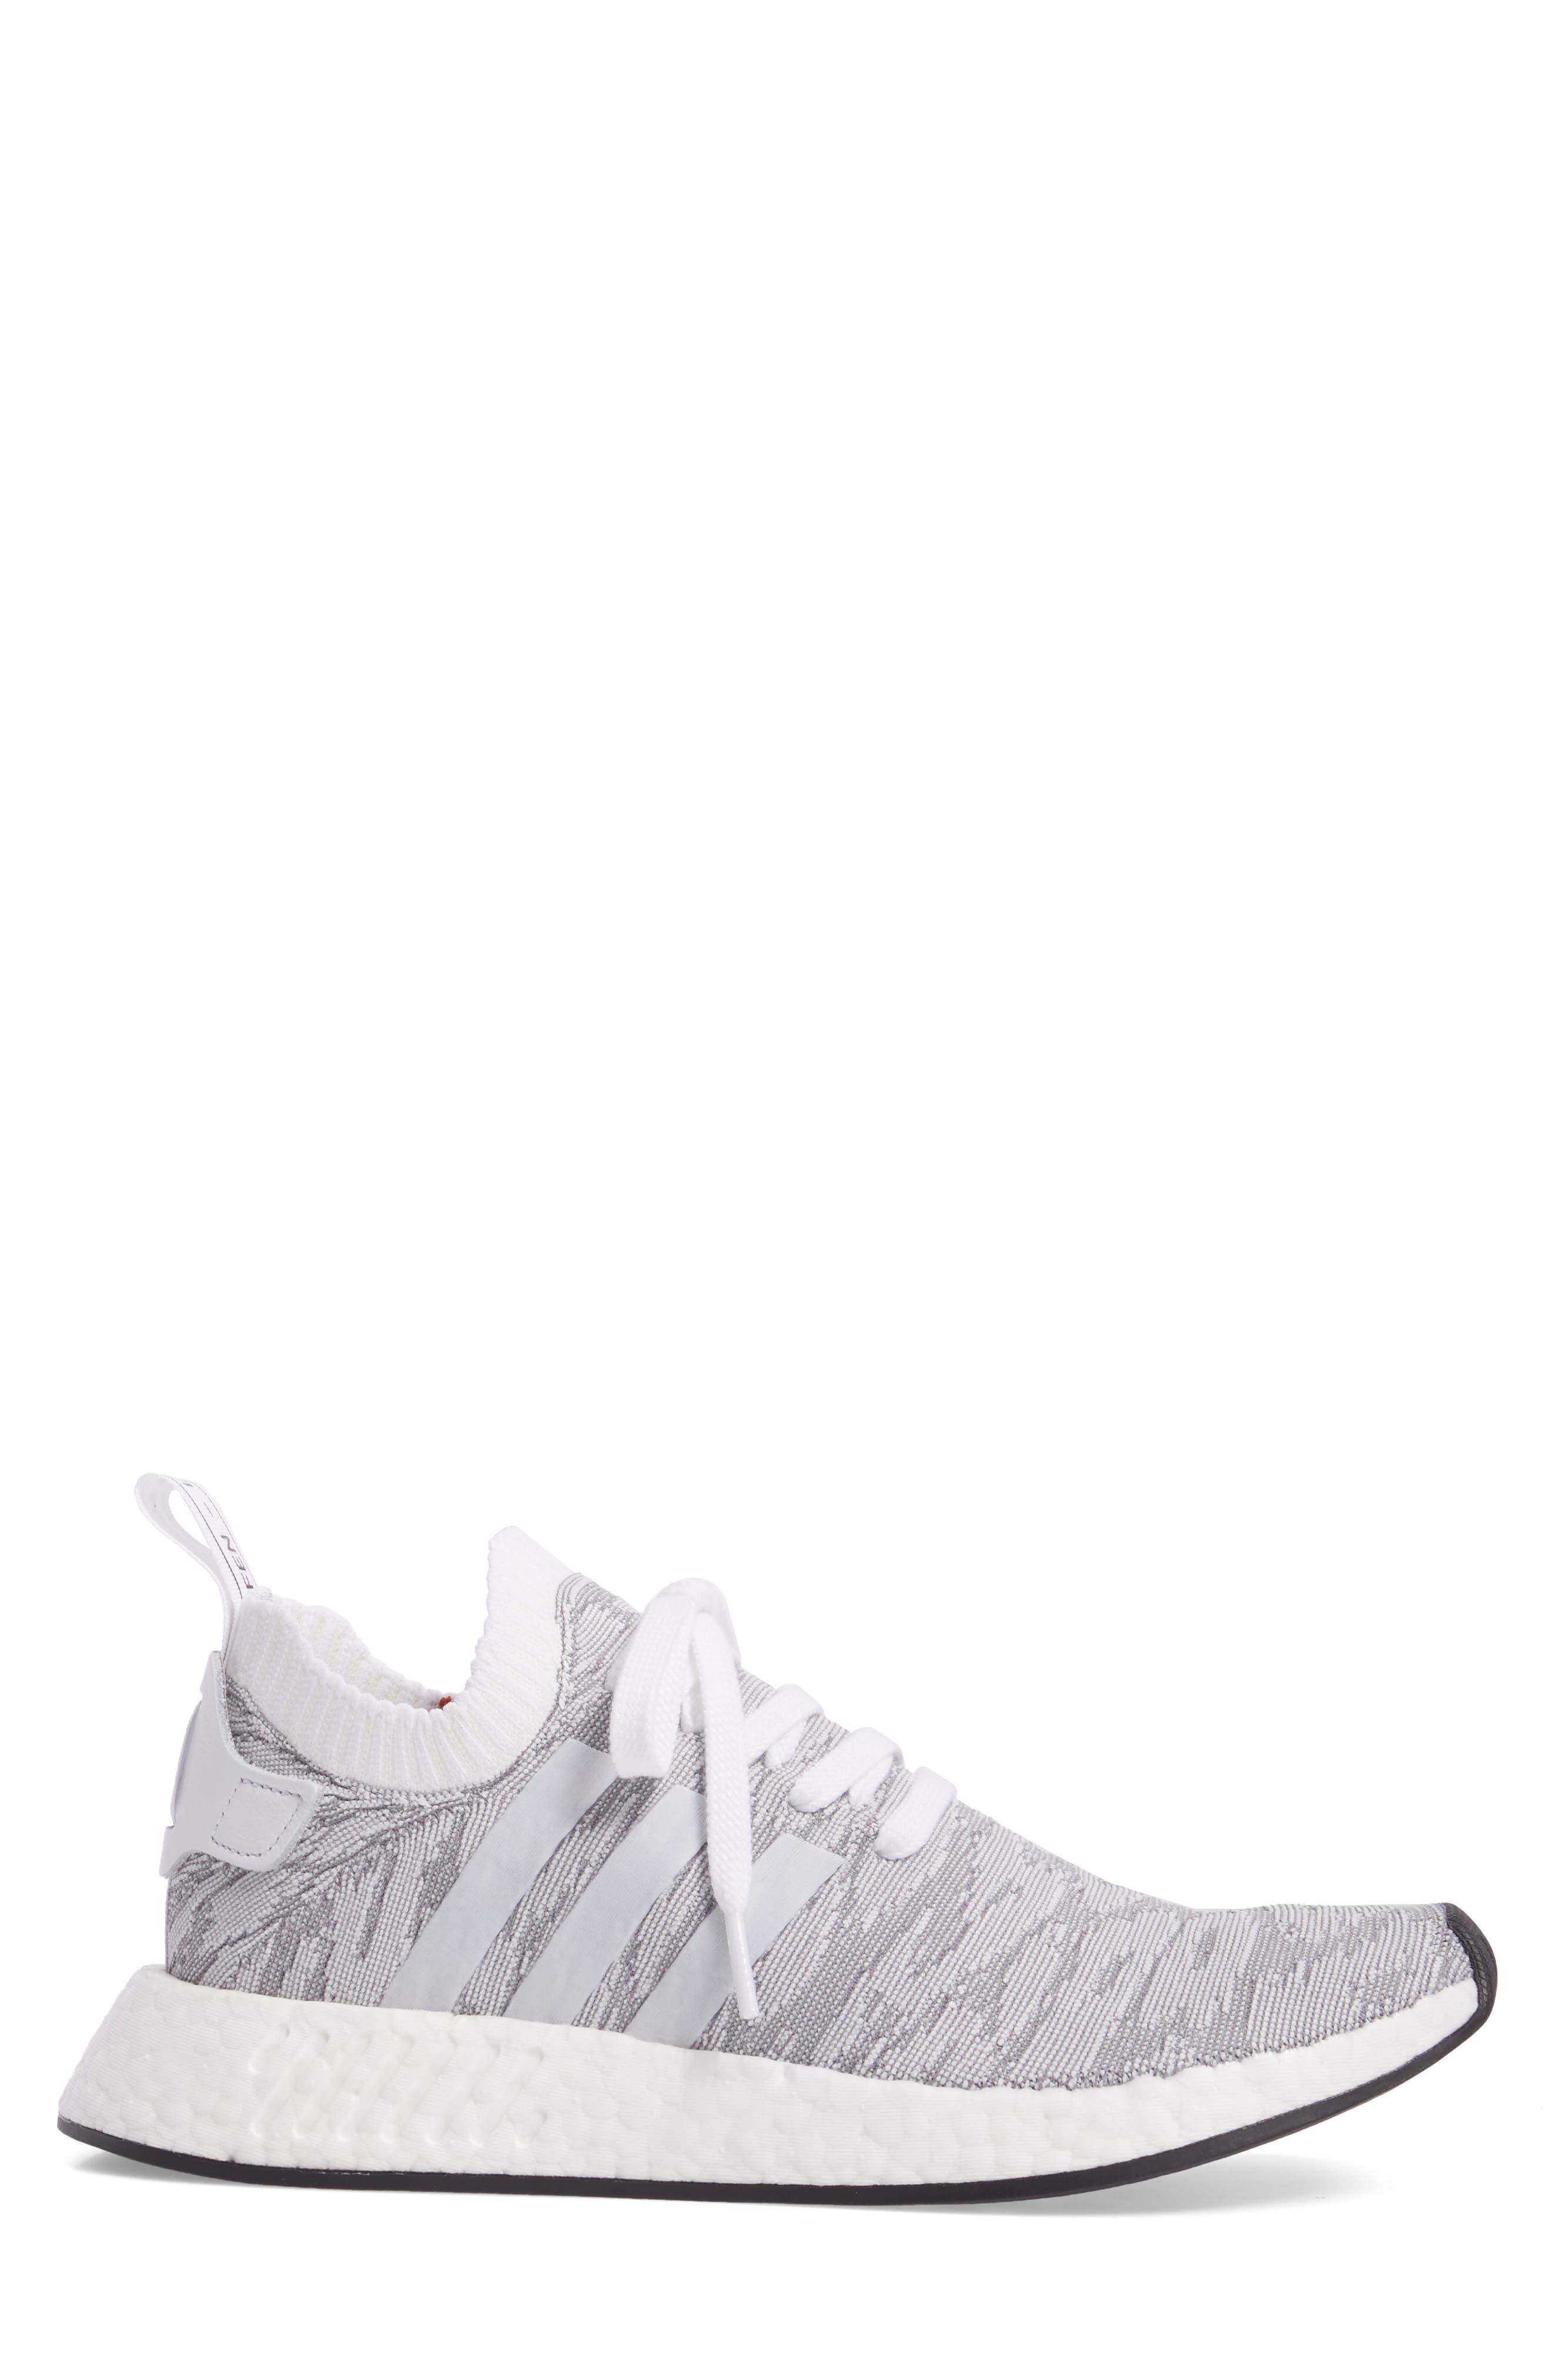 Alternate Image 3  - adidas NMD R2 Primeknit Running Shoe (Men)